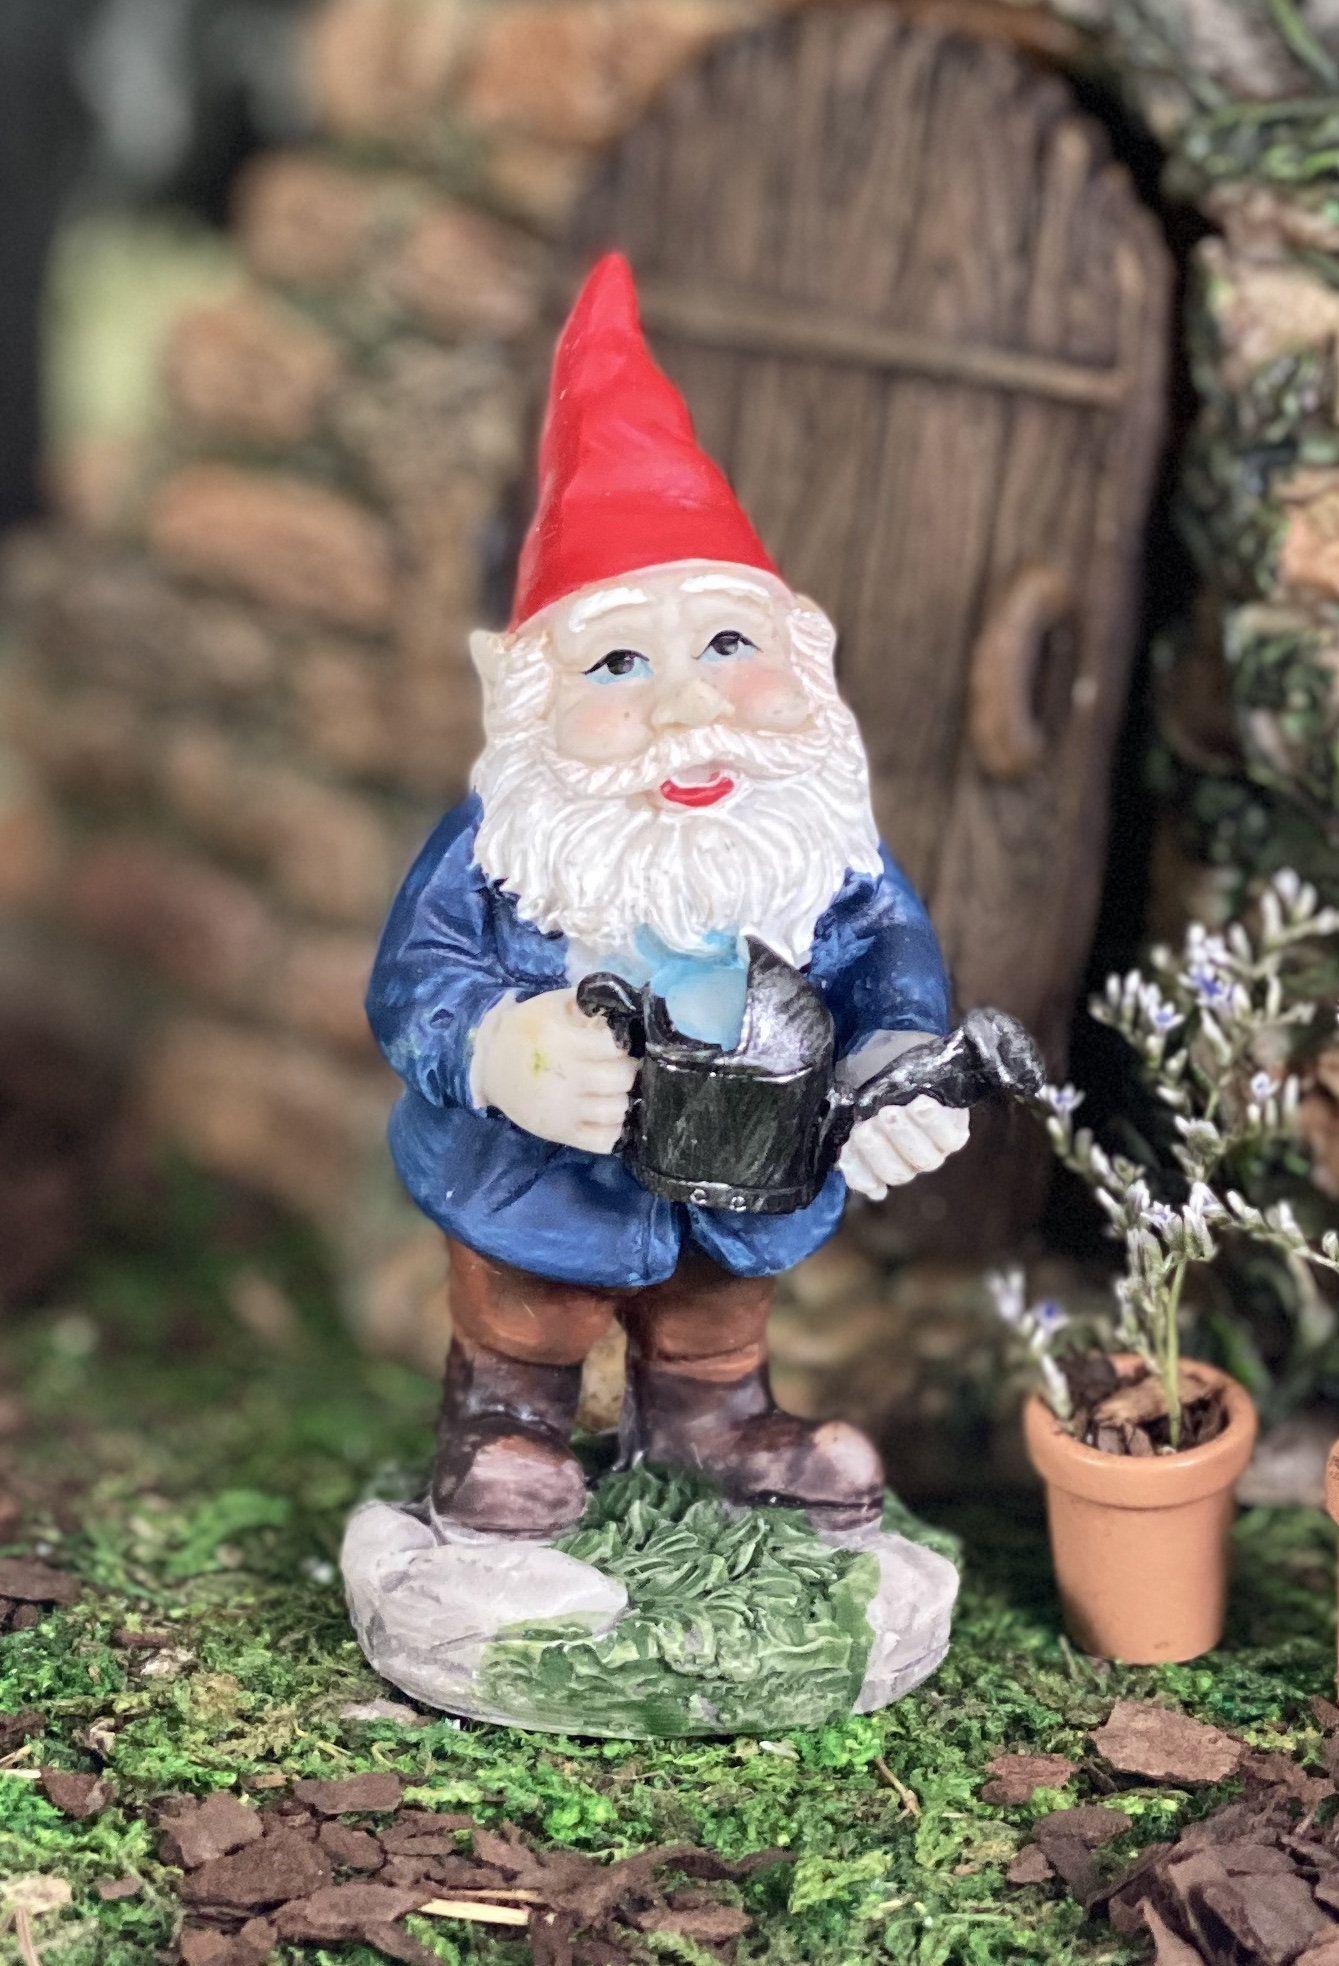 Watering Can Garden Gnome Figurine Garden Gnome Decor Fairy Garden Village Display Gnome Garden Display Miniature Fairy Garden Supply